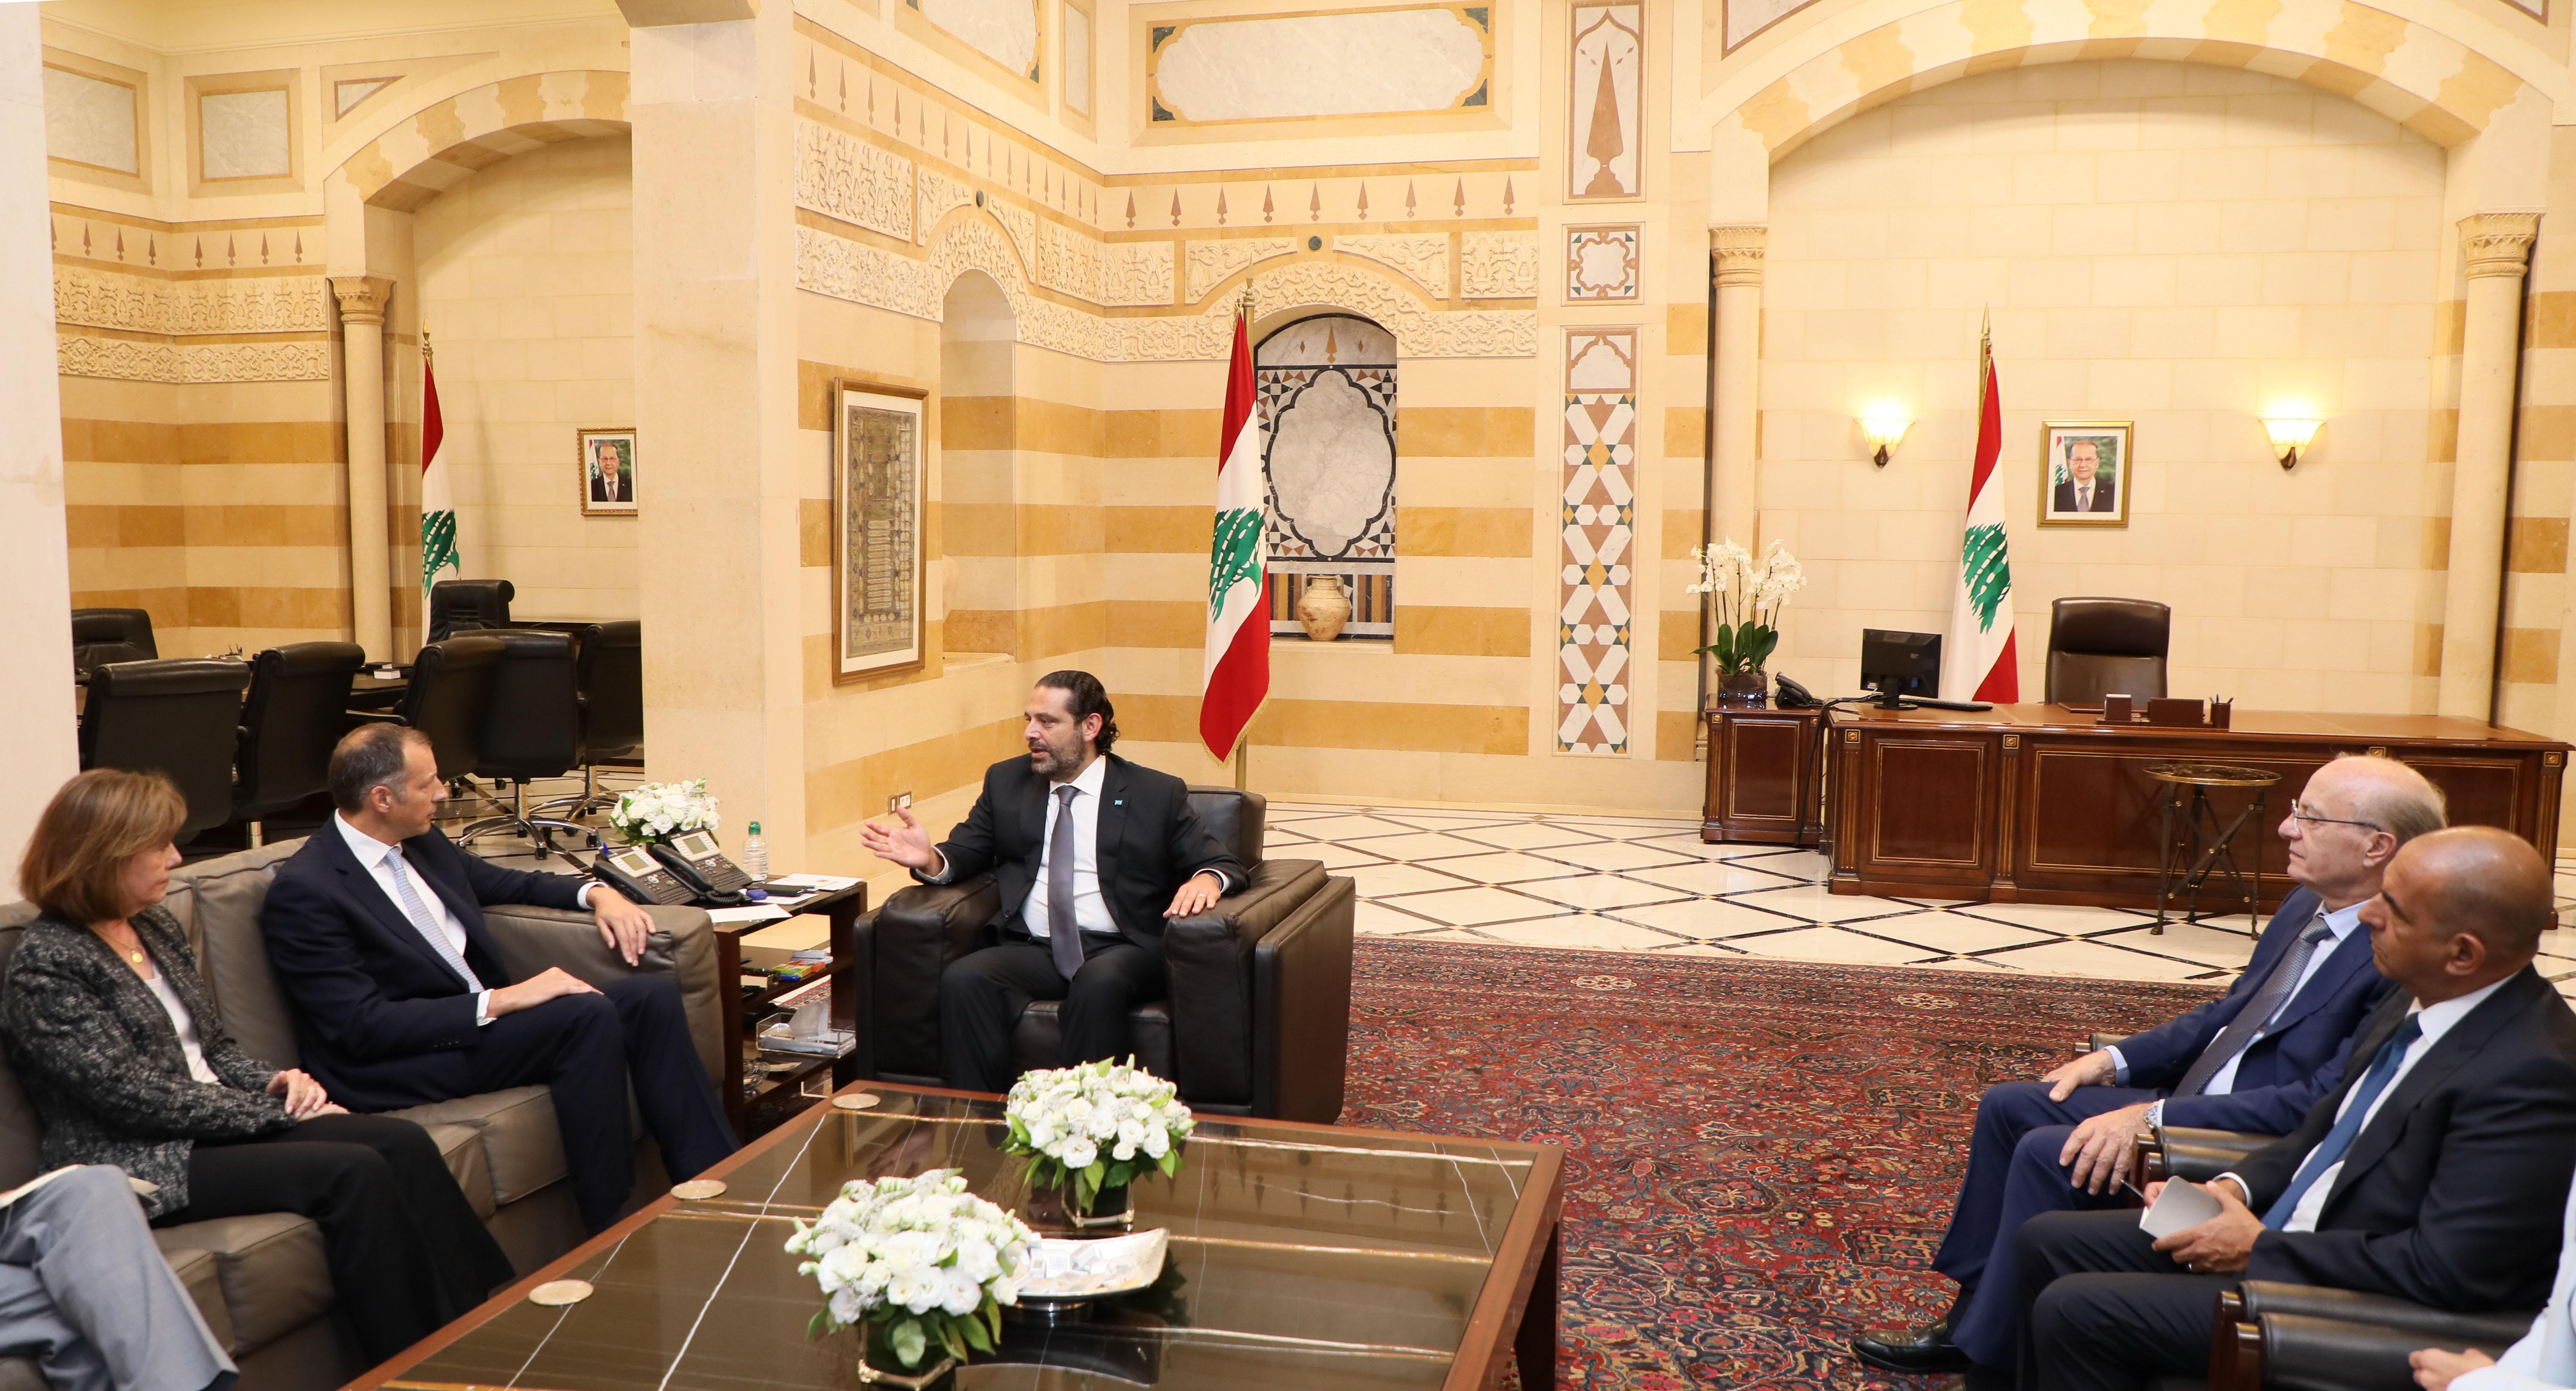 Pr Minister Saad Hariri meets US Delegation 1